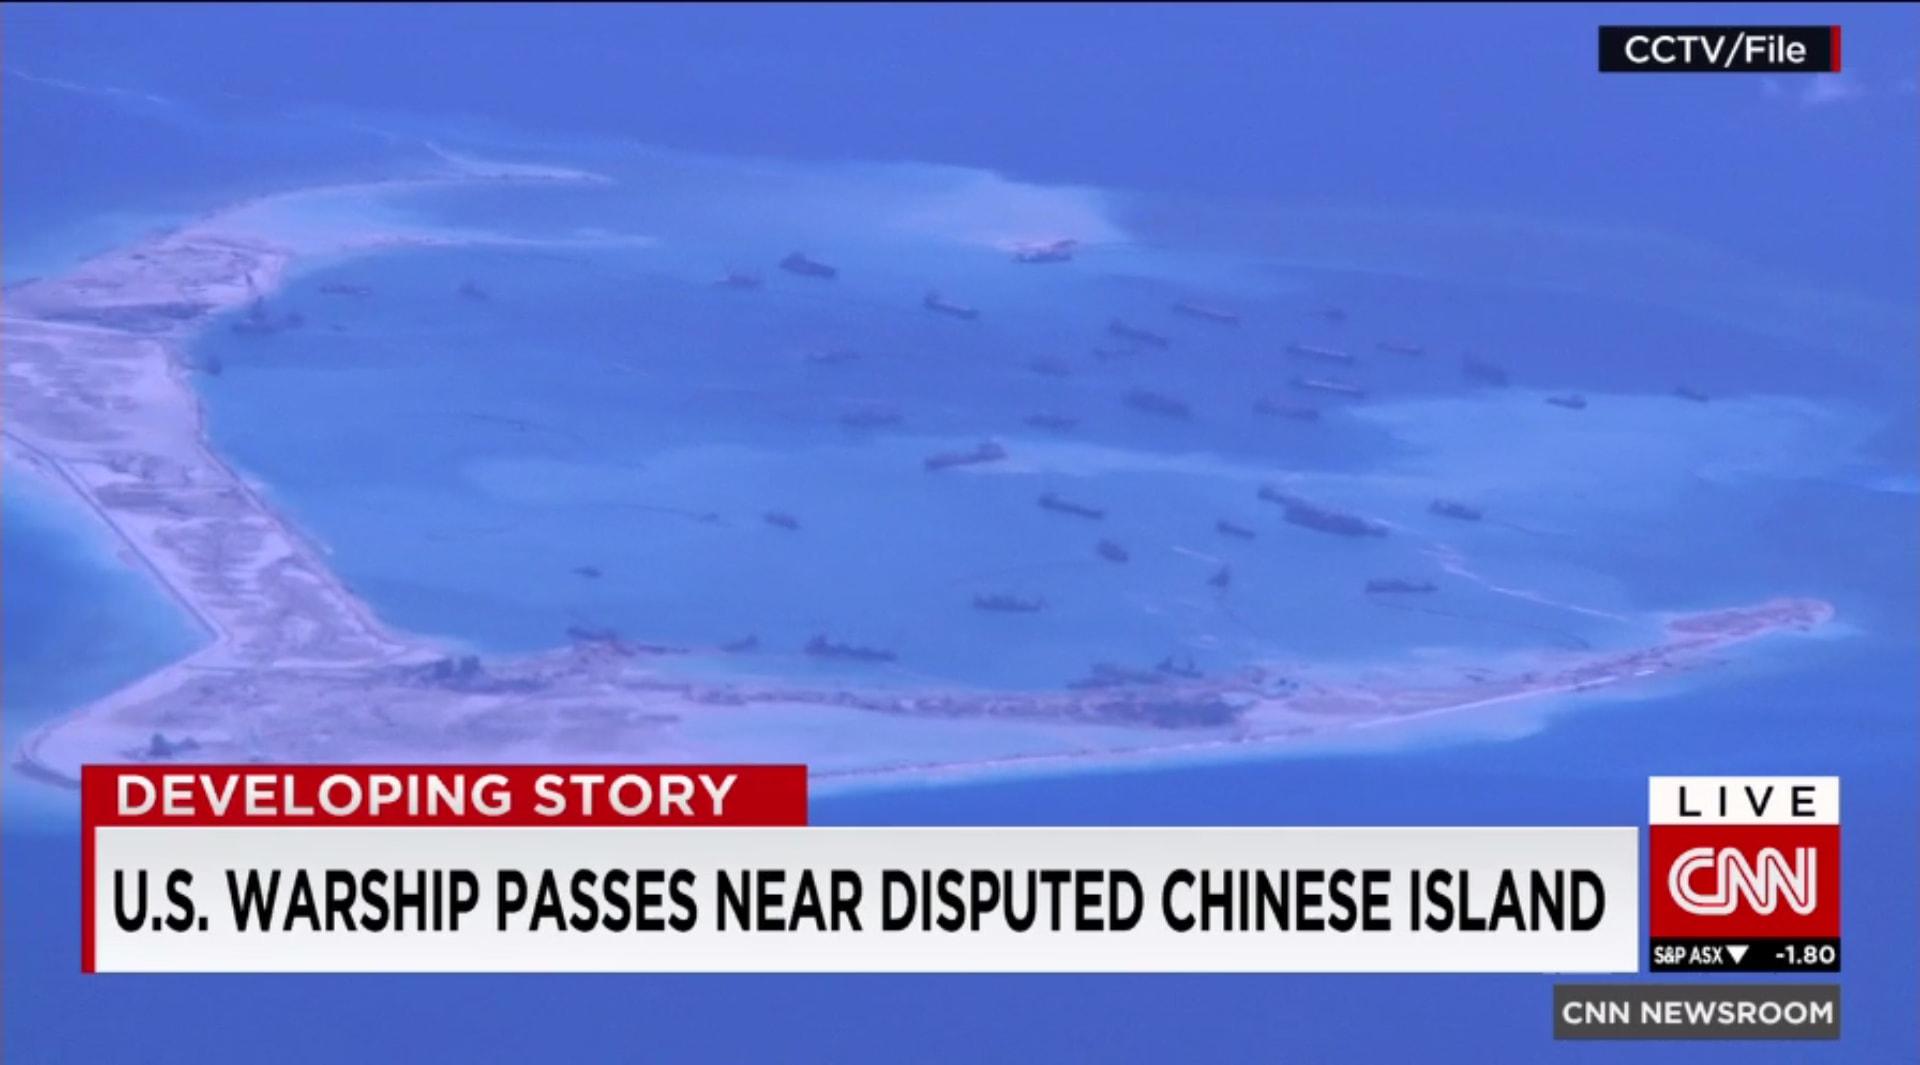 """بكين تشكو مجدداً """"استعراض أمريكا عضلاتها"""" باختراق أجواء متنازع عليها في بحر الصين الجنوبي"""